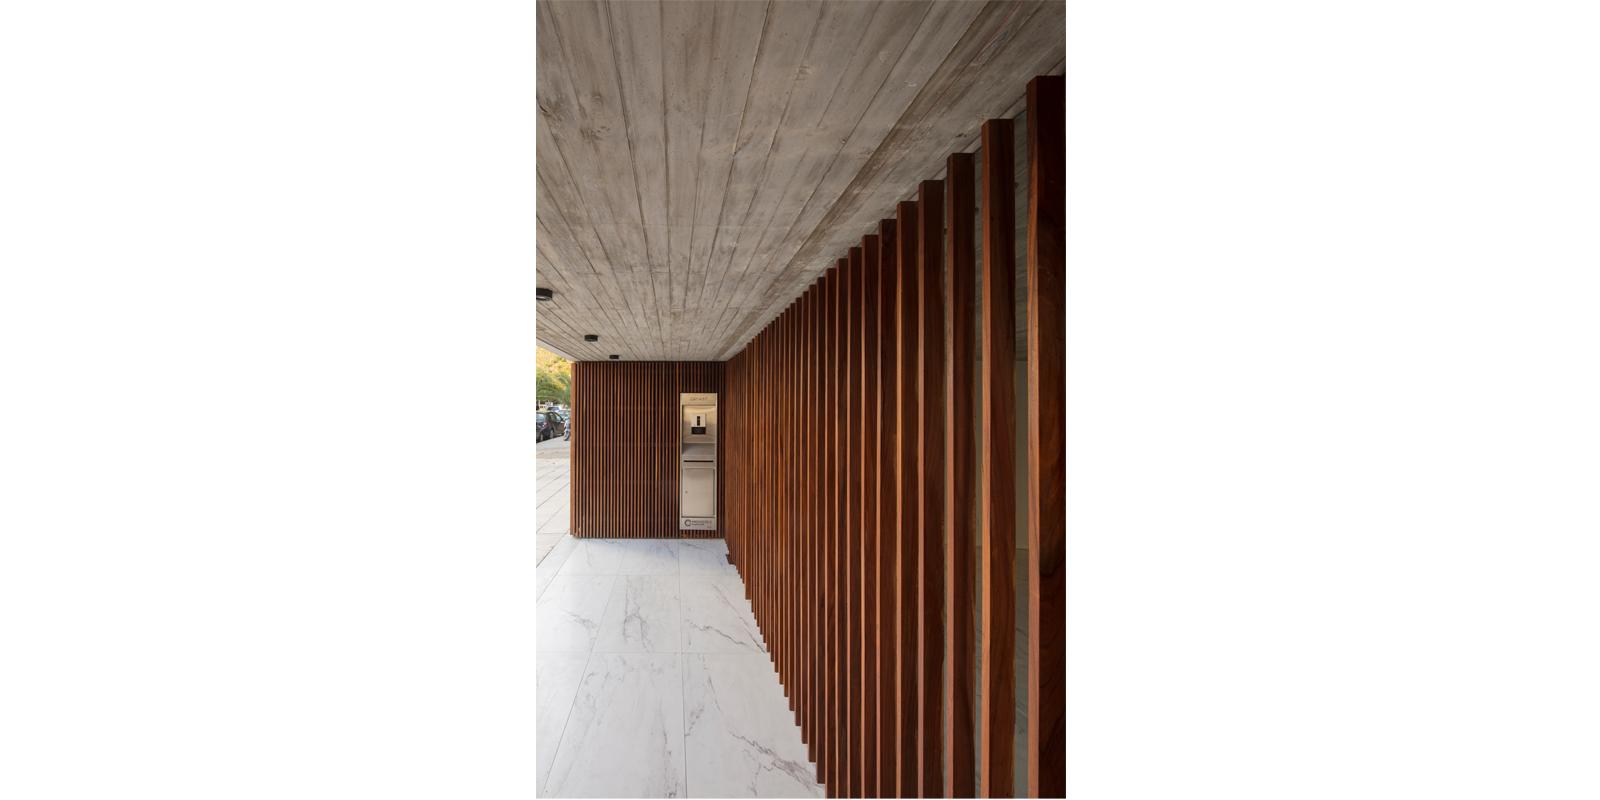 ProyectoC_Arquitectos_Portfolio_05_EnriqueMartinez